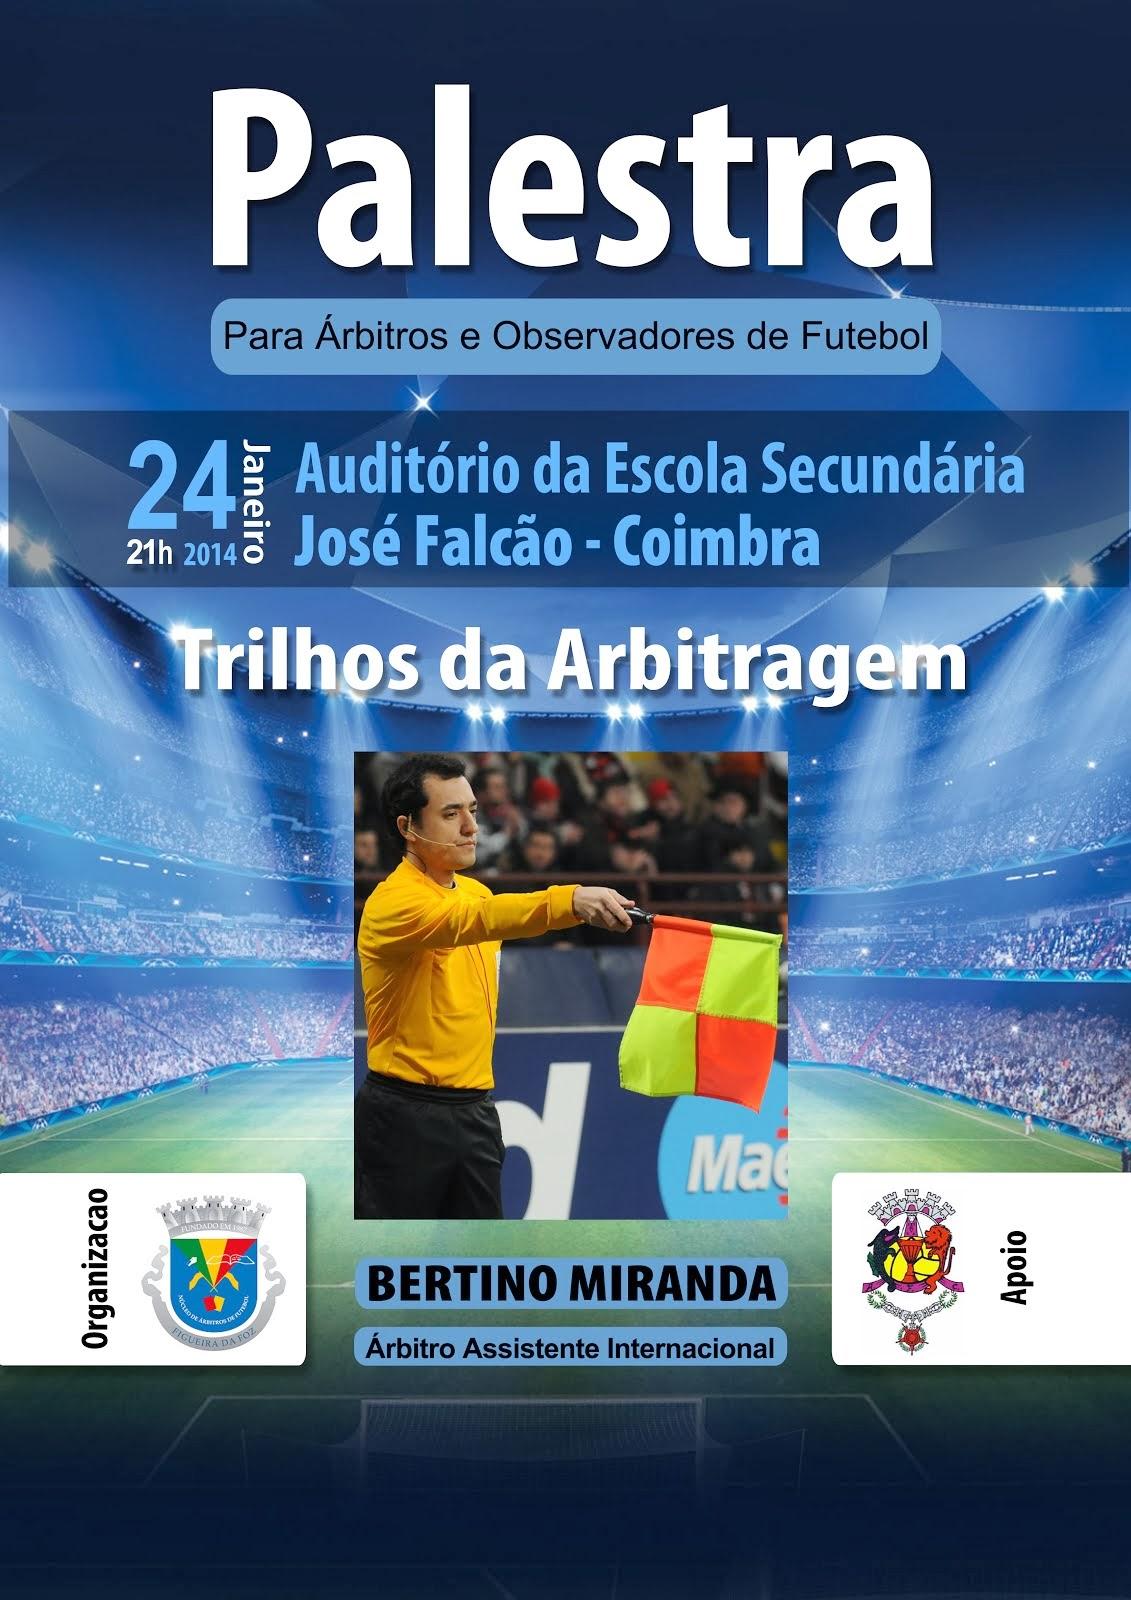 Palestra - Bertino Miranda